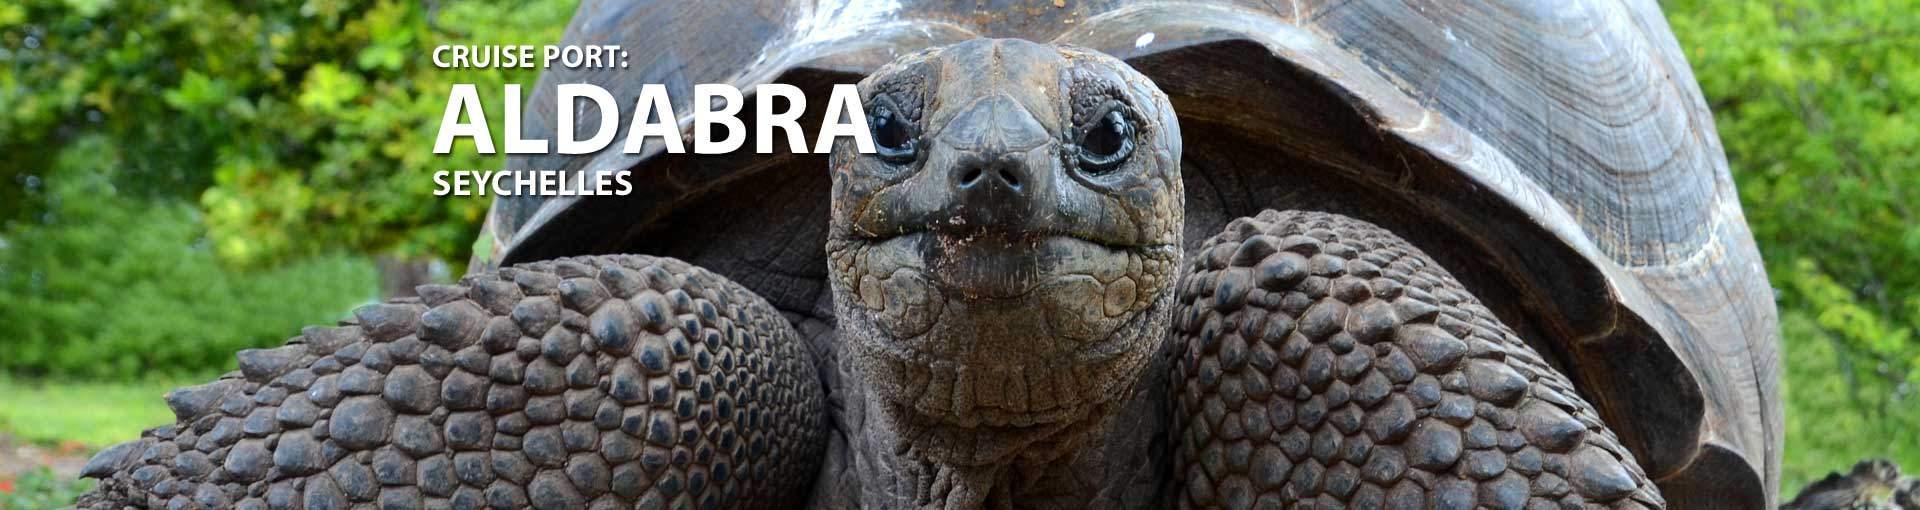 Cruises to Aldabra, Seychelles